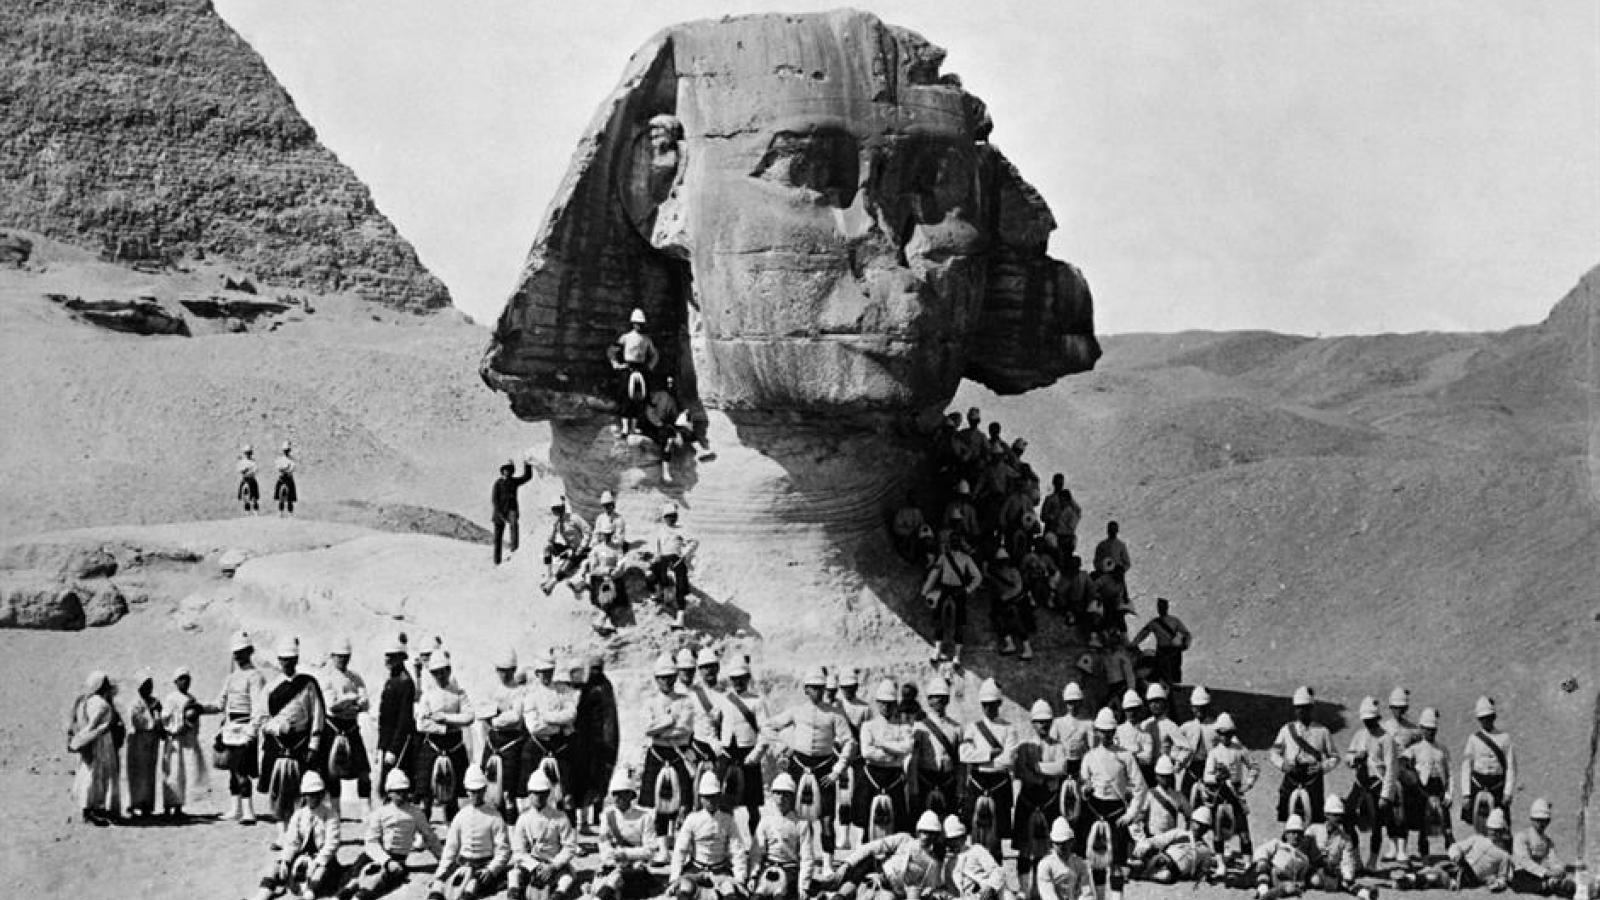 Ngắm nhìn những bức ảnh cổ xưa của các địa danh nổi tiếng trên thế giới